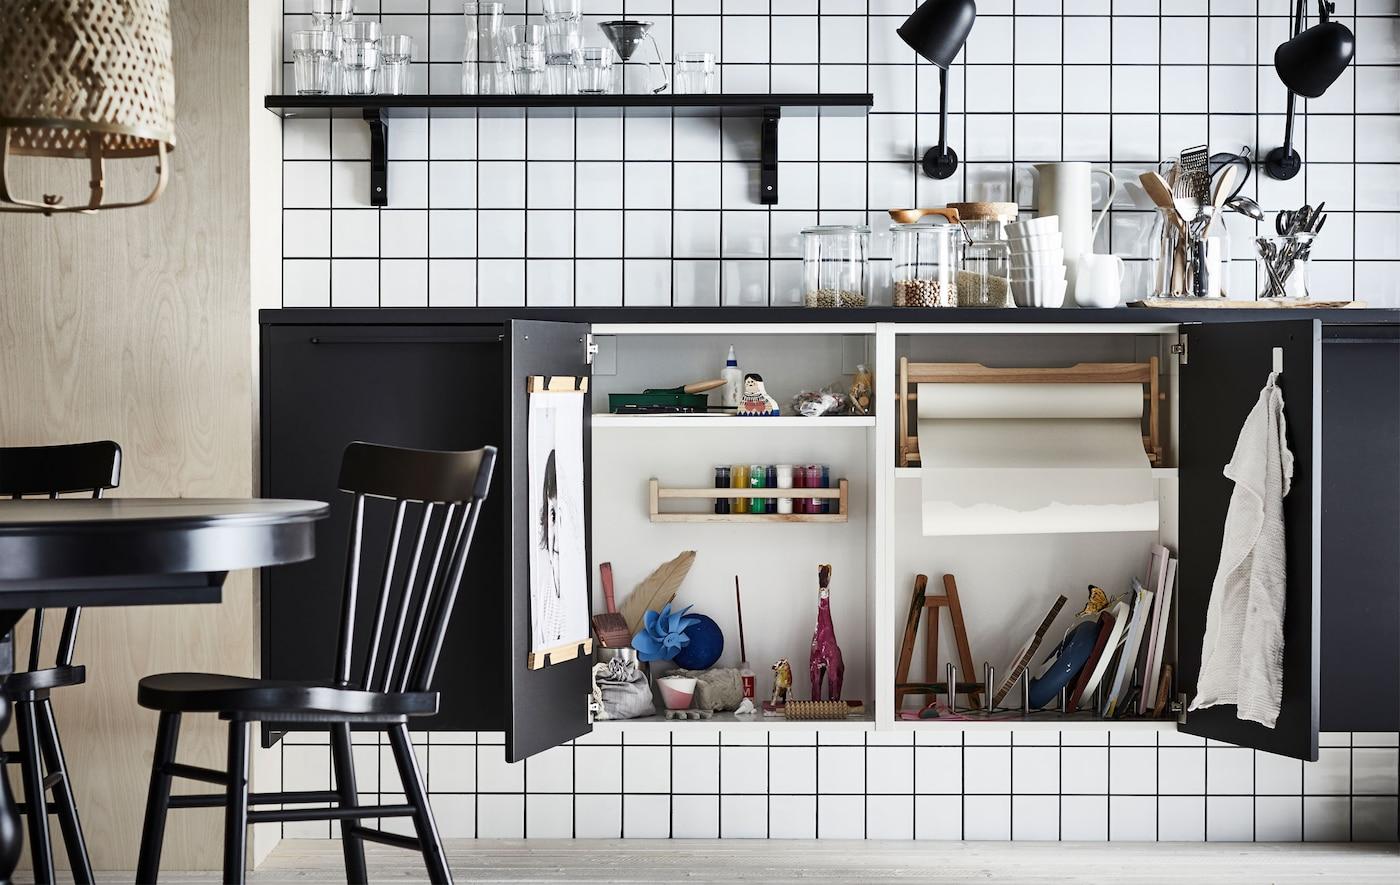 Encimera con dos armarios de cocina abiertos debajo que revelan un estudio de arte en miniatura en su interior.